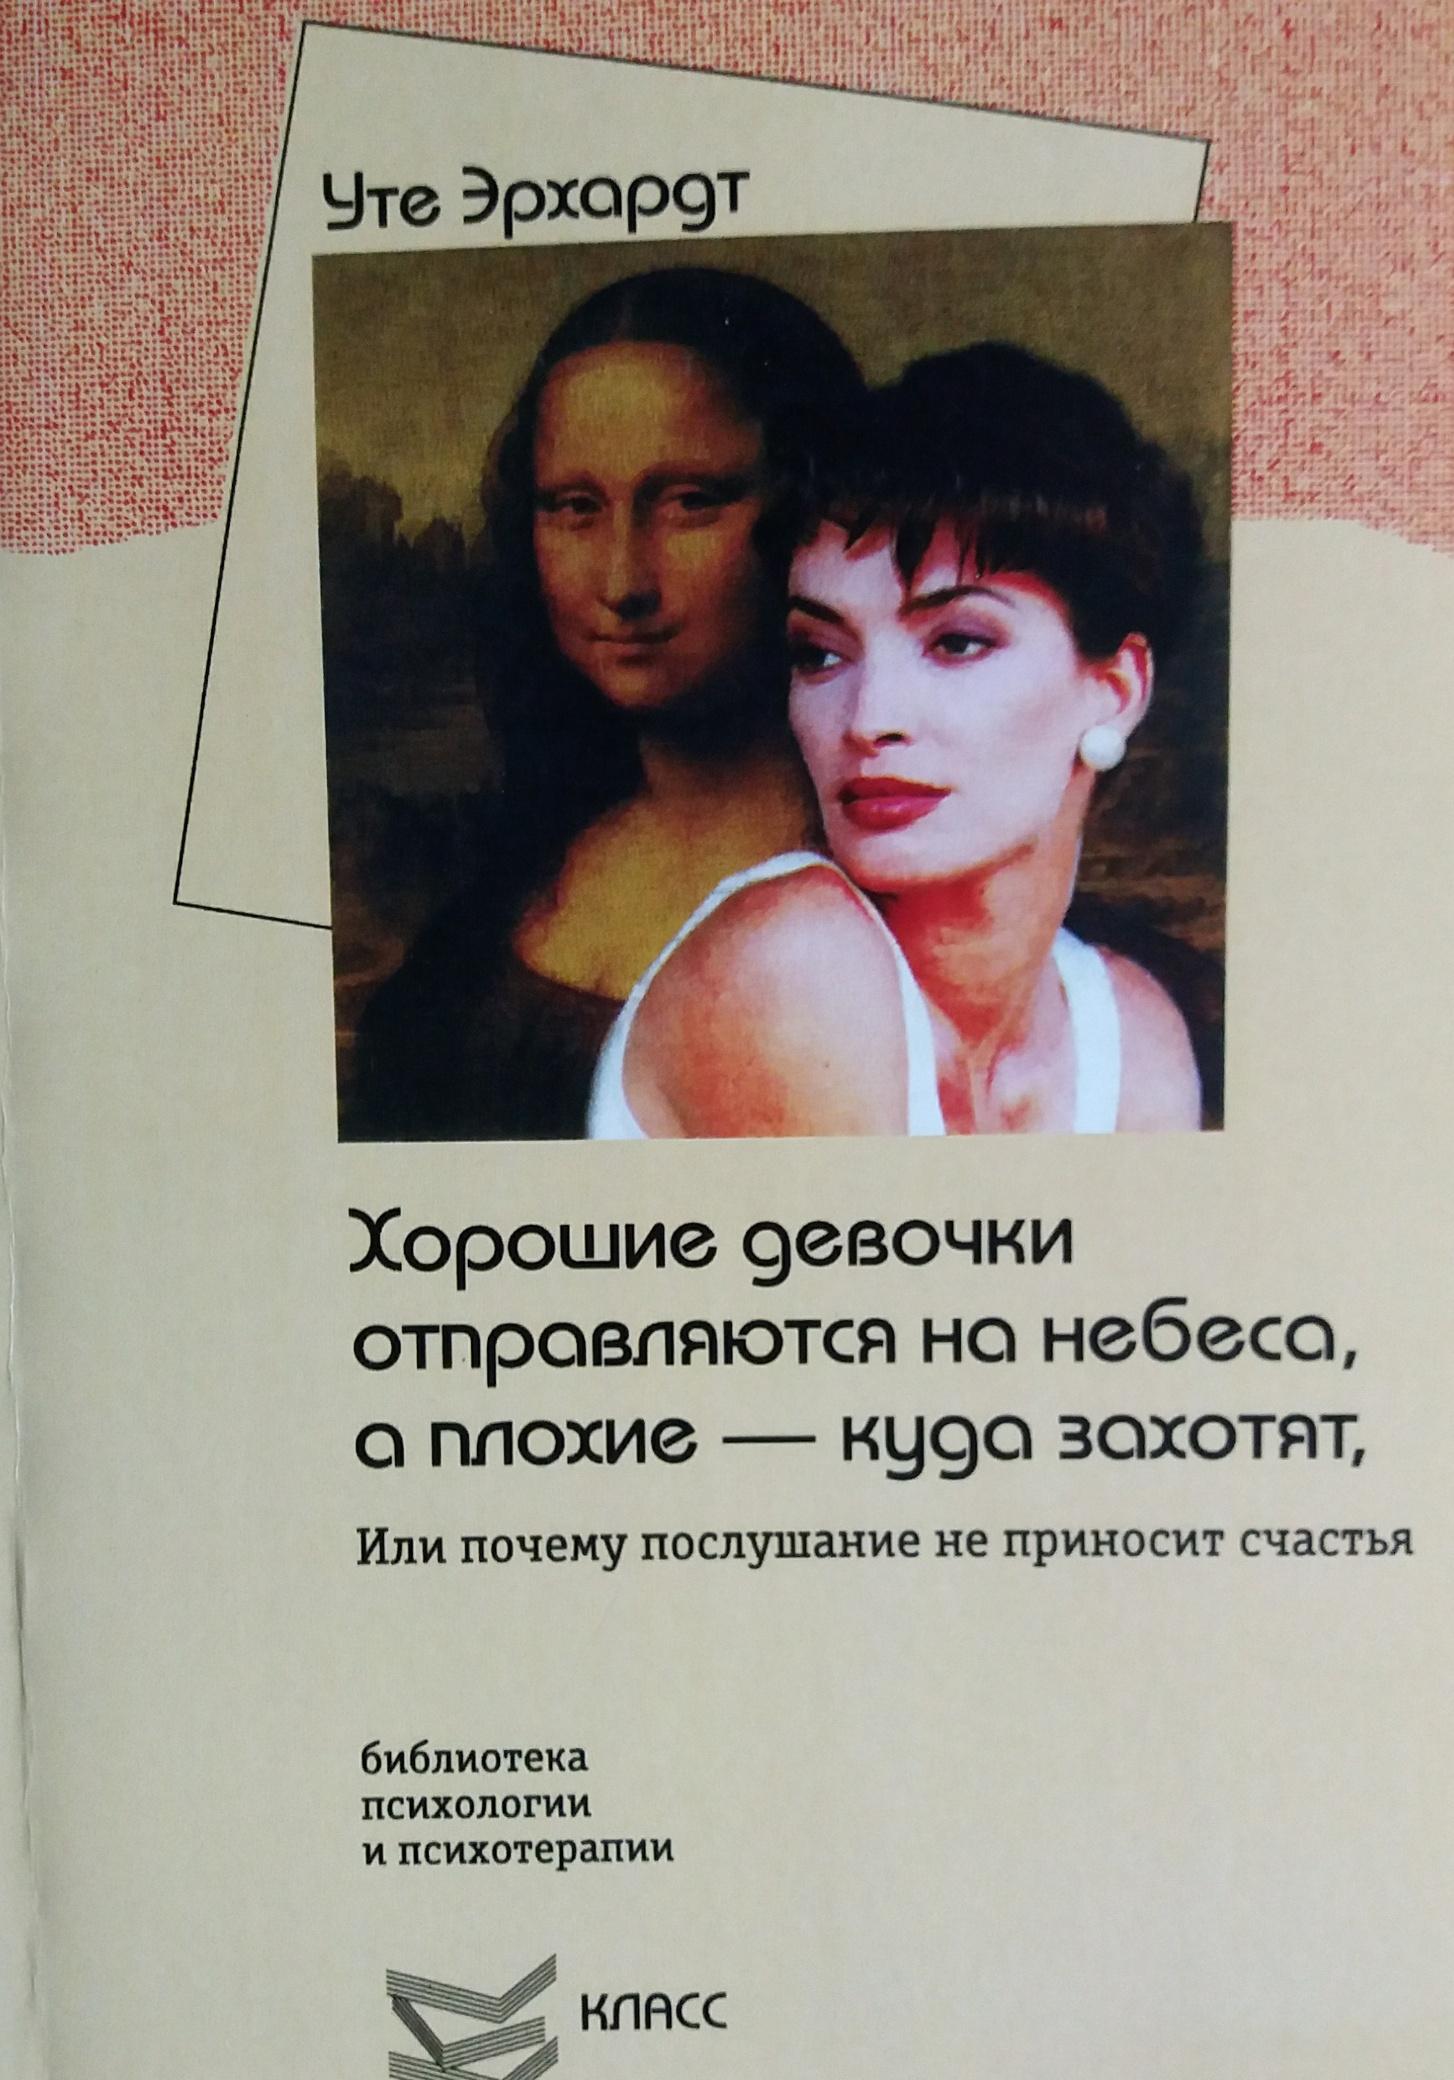 Хорошие девушки попадают в рай плохие куда захотят книга